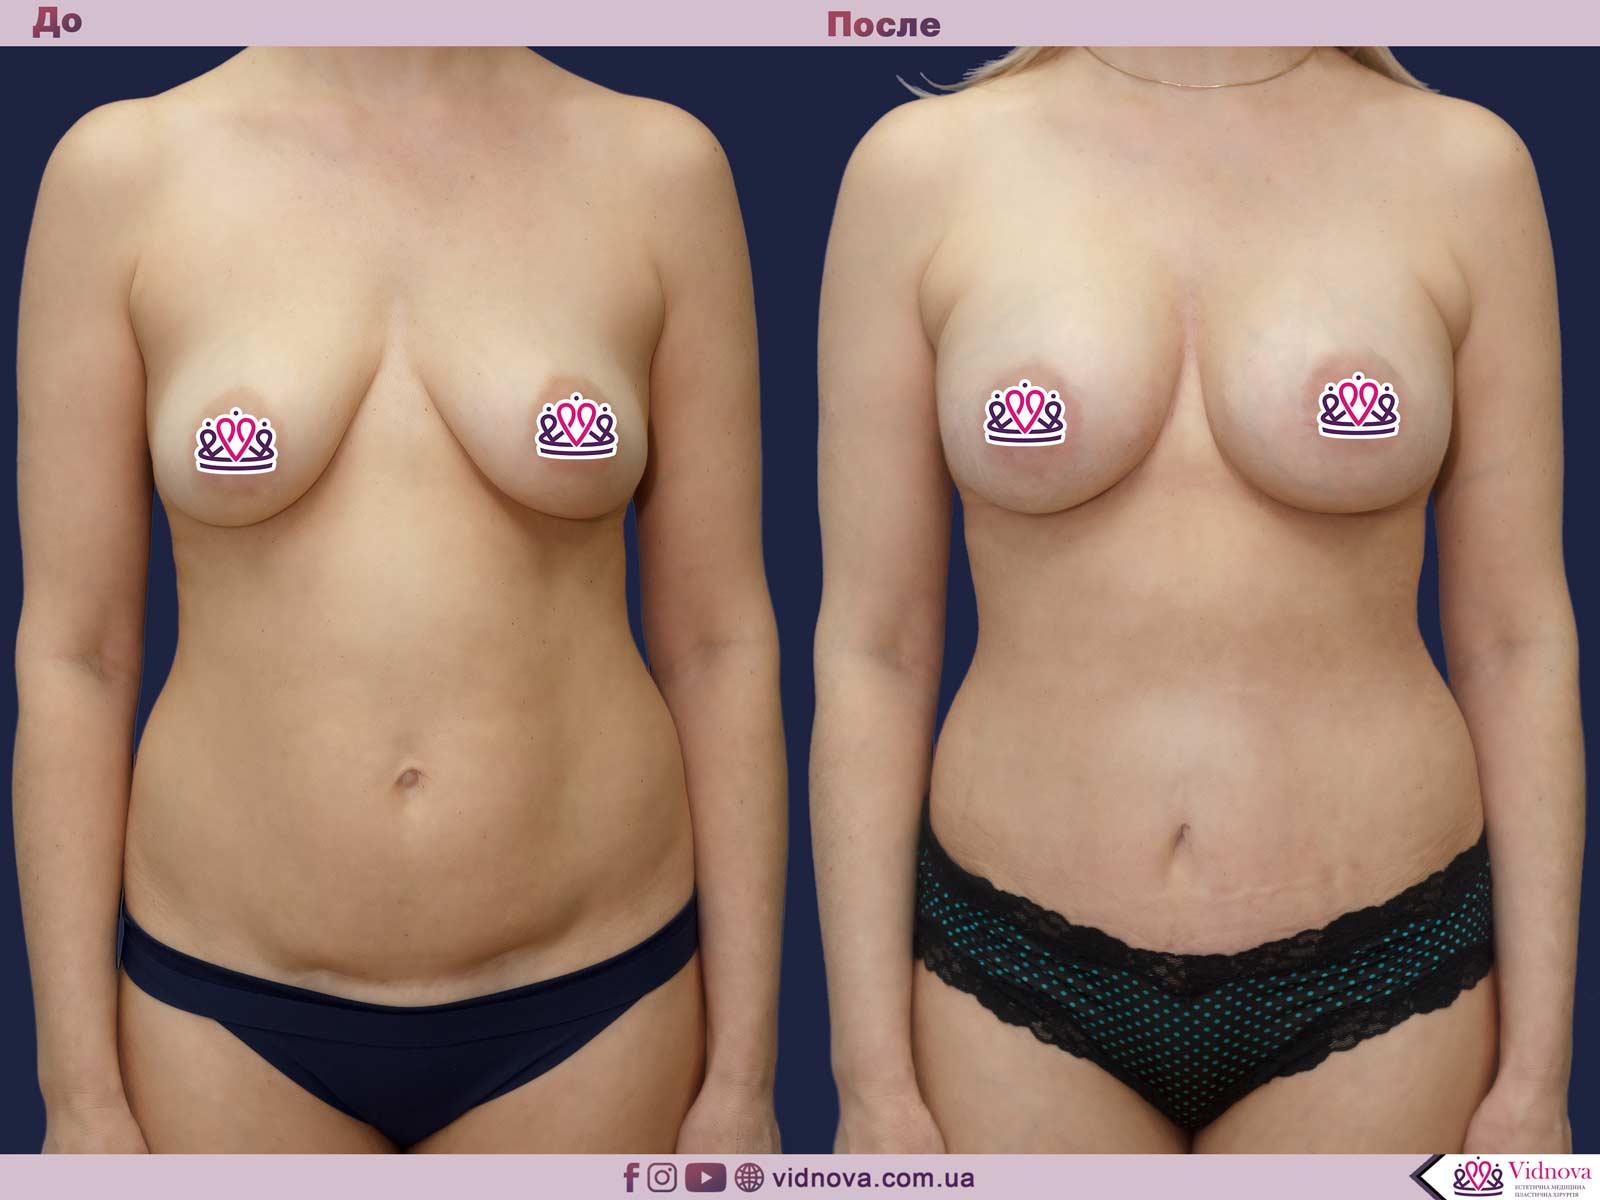 Совмещенные операции: Фото До и После - Пример №10-2 - Клиника Vidnova